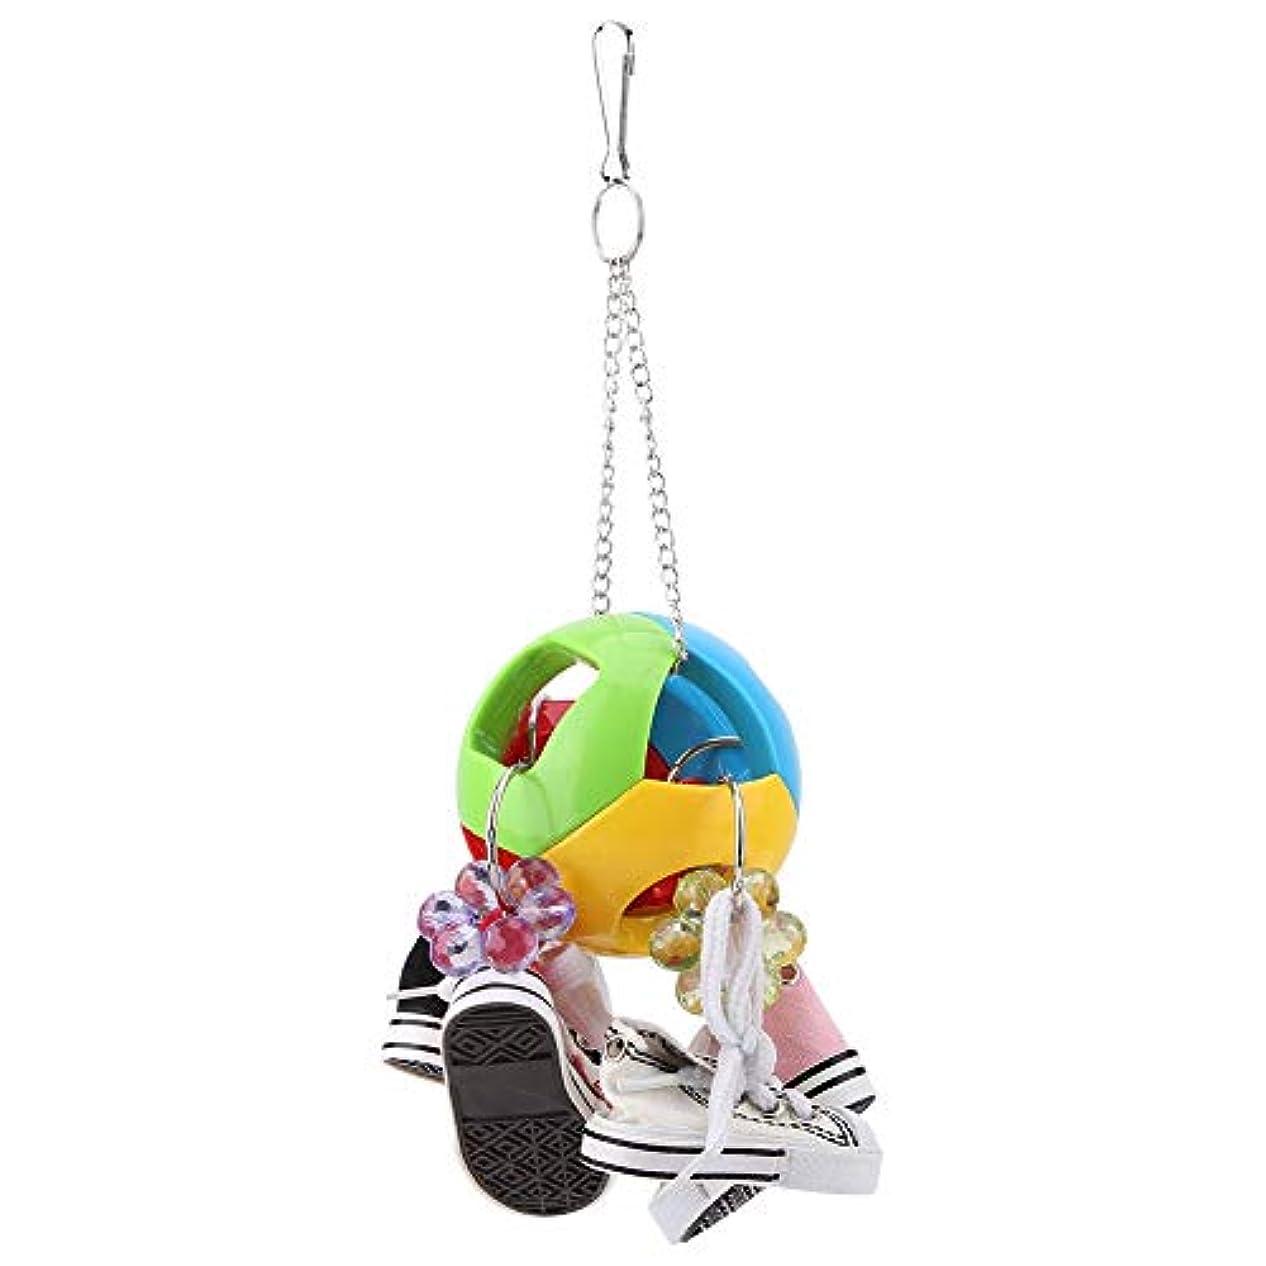 本当のことを言うとぬるい画家ochun鳥おもちゃ 鳥噛む玩具 カラフル ボール 靴 プラスチック製 止まり木 ストレス解消 ゲージアクセサリー くちばしのトレーニング 咀嚼本能 吊り下げ インコ オウム用 鳥用品 知育玩具